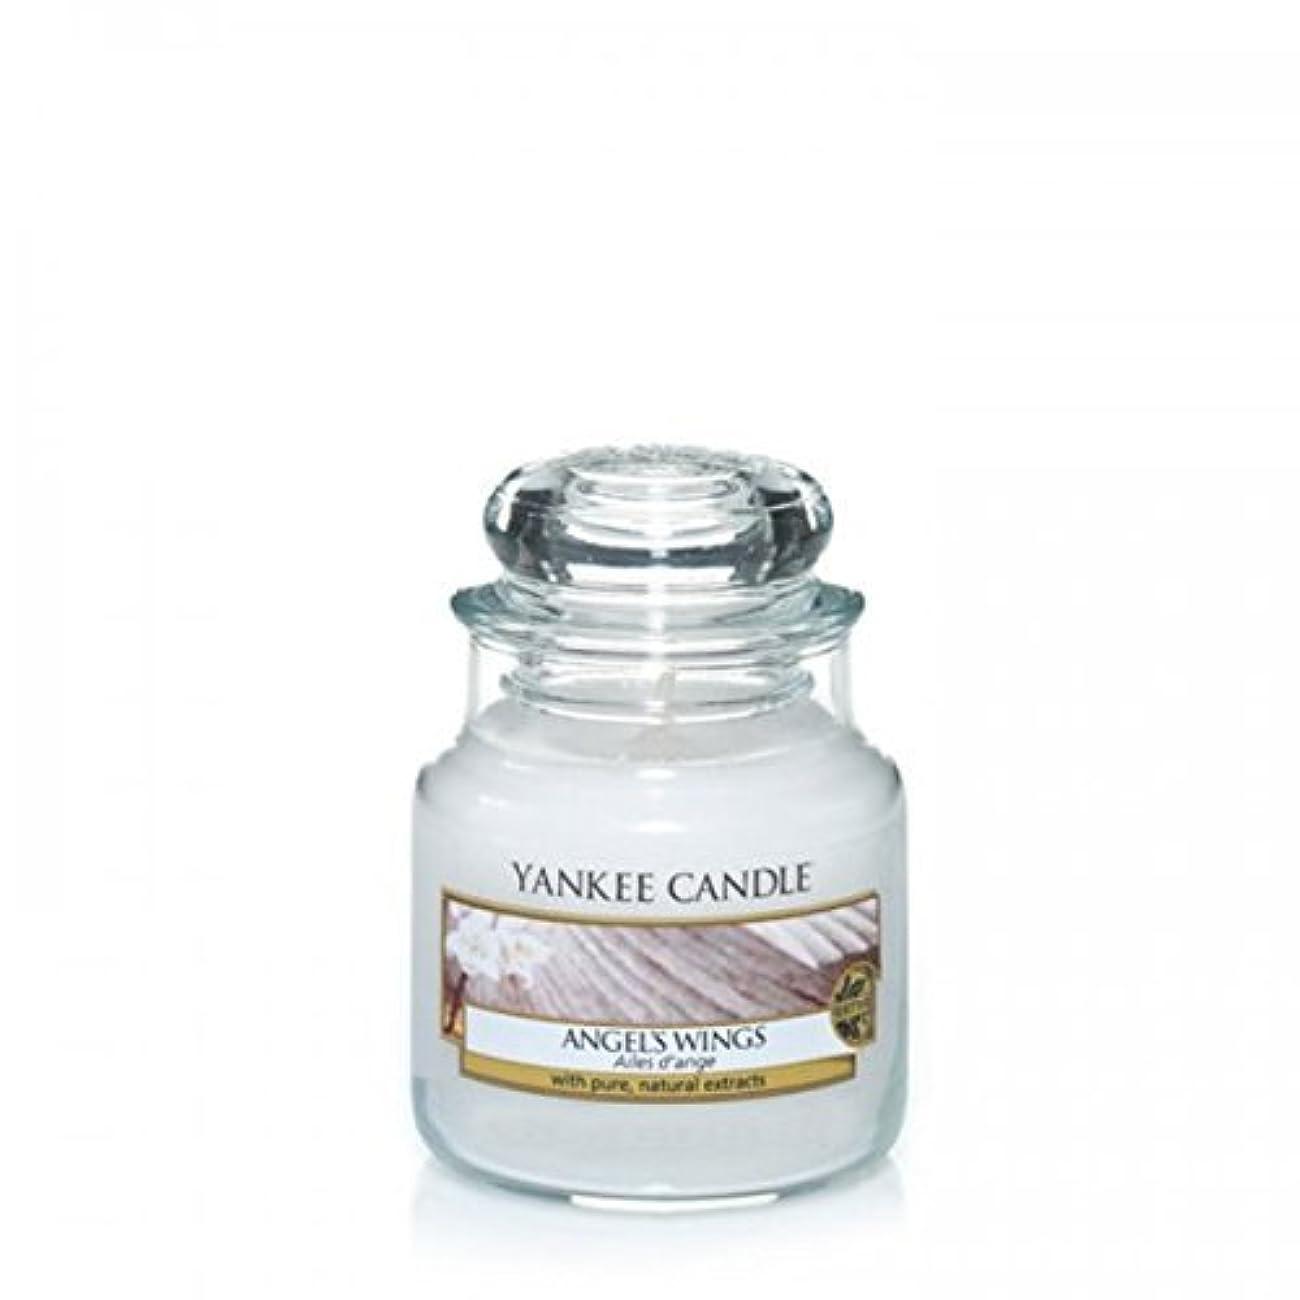 チャレンジシエスタグラディスYankee Candle Angels Wings Jar 3.7Oz by Yankee Candle [並行輸入品]